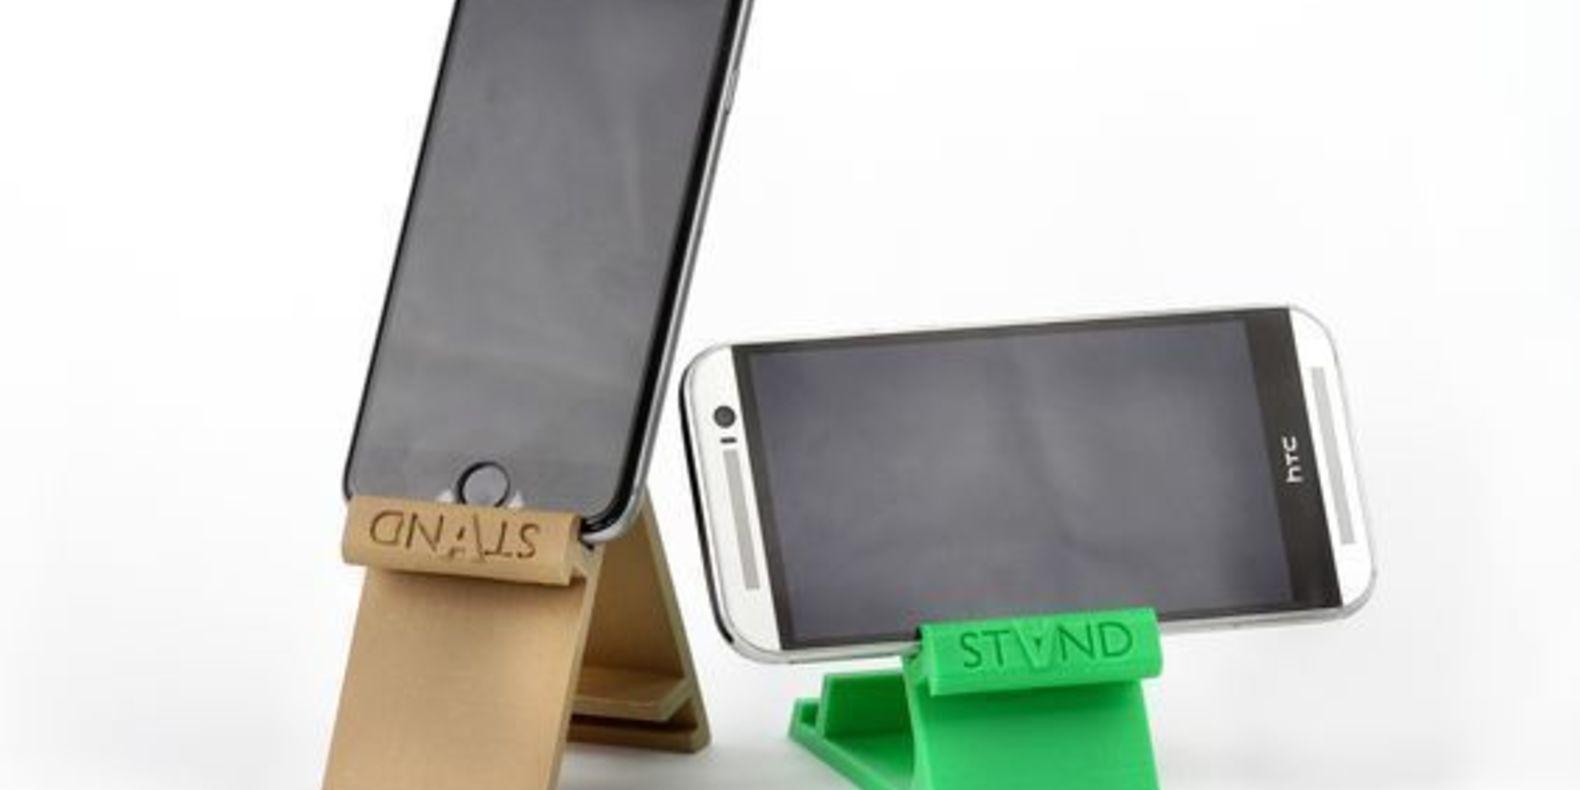 Un stand pour smartphone imprimé en 3D